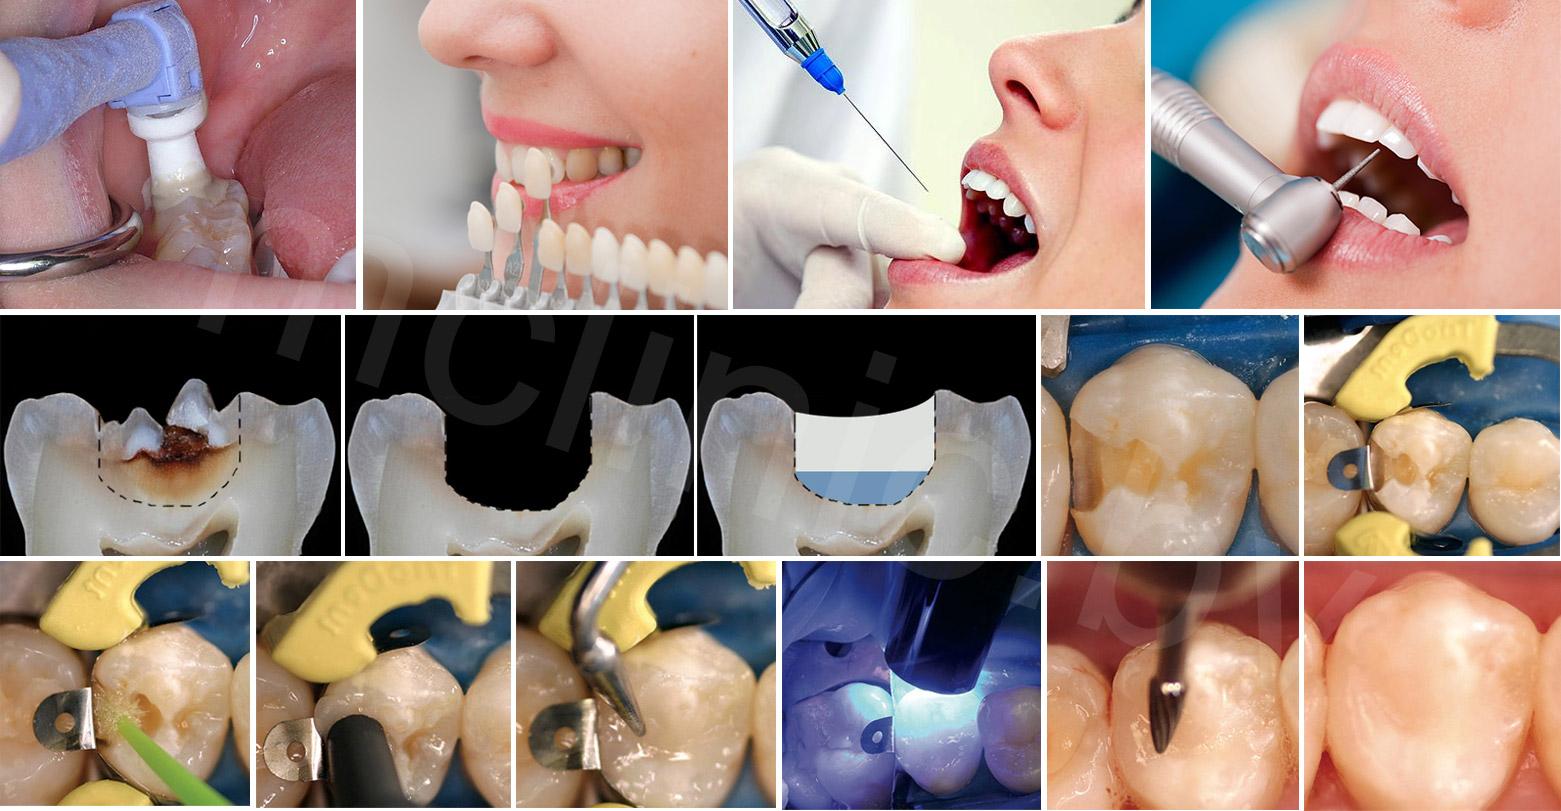 общий принцип лечения зубов, пораженных кариесом